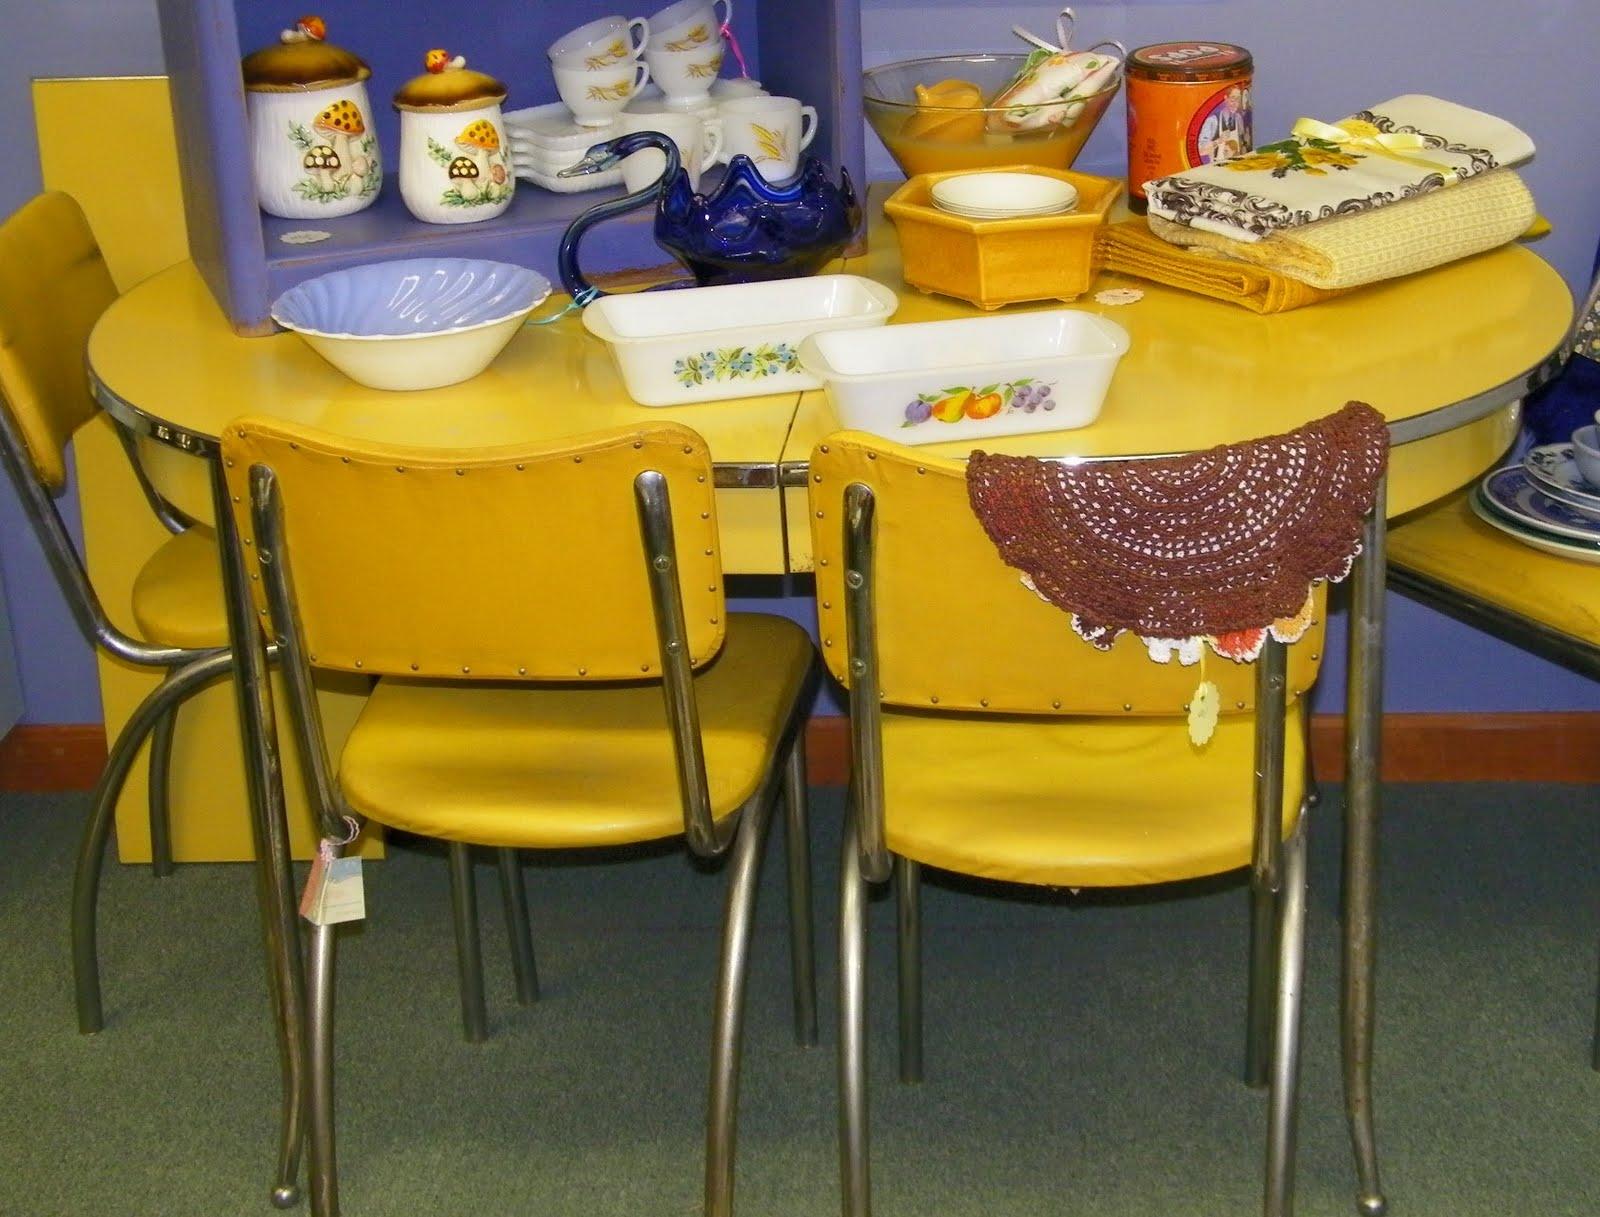 vintage kitchen set in chrome yellow.